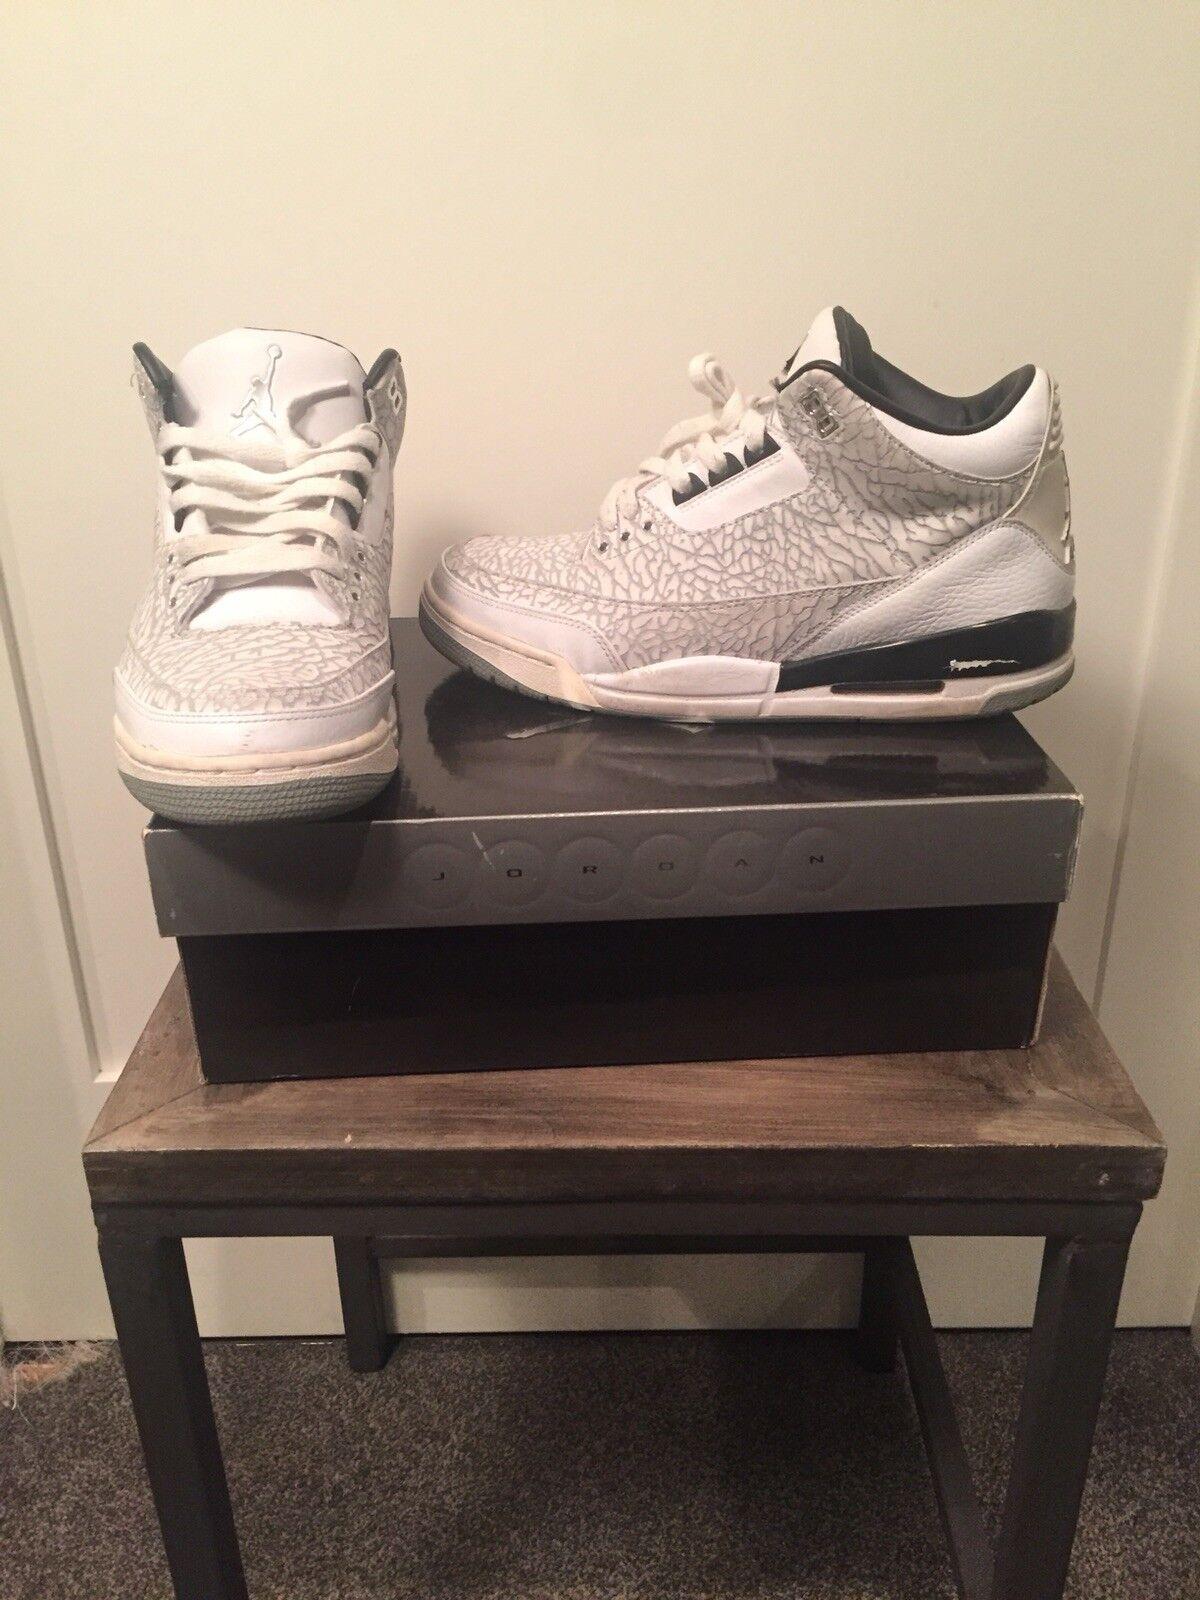 2018 Air Jordan 3 el retro Blanco Flip comodo el 3 modelo mas vendido de la marca 8fe1f2